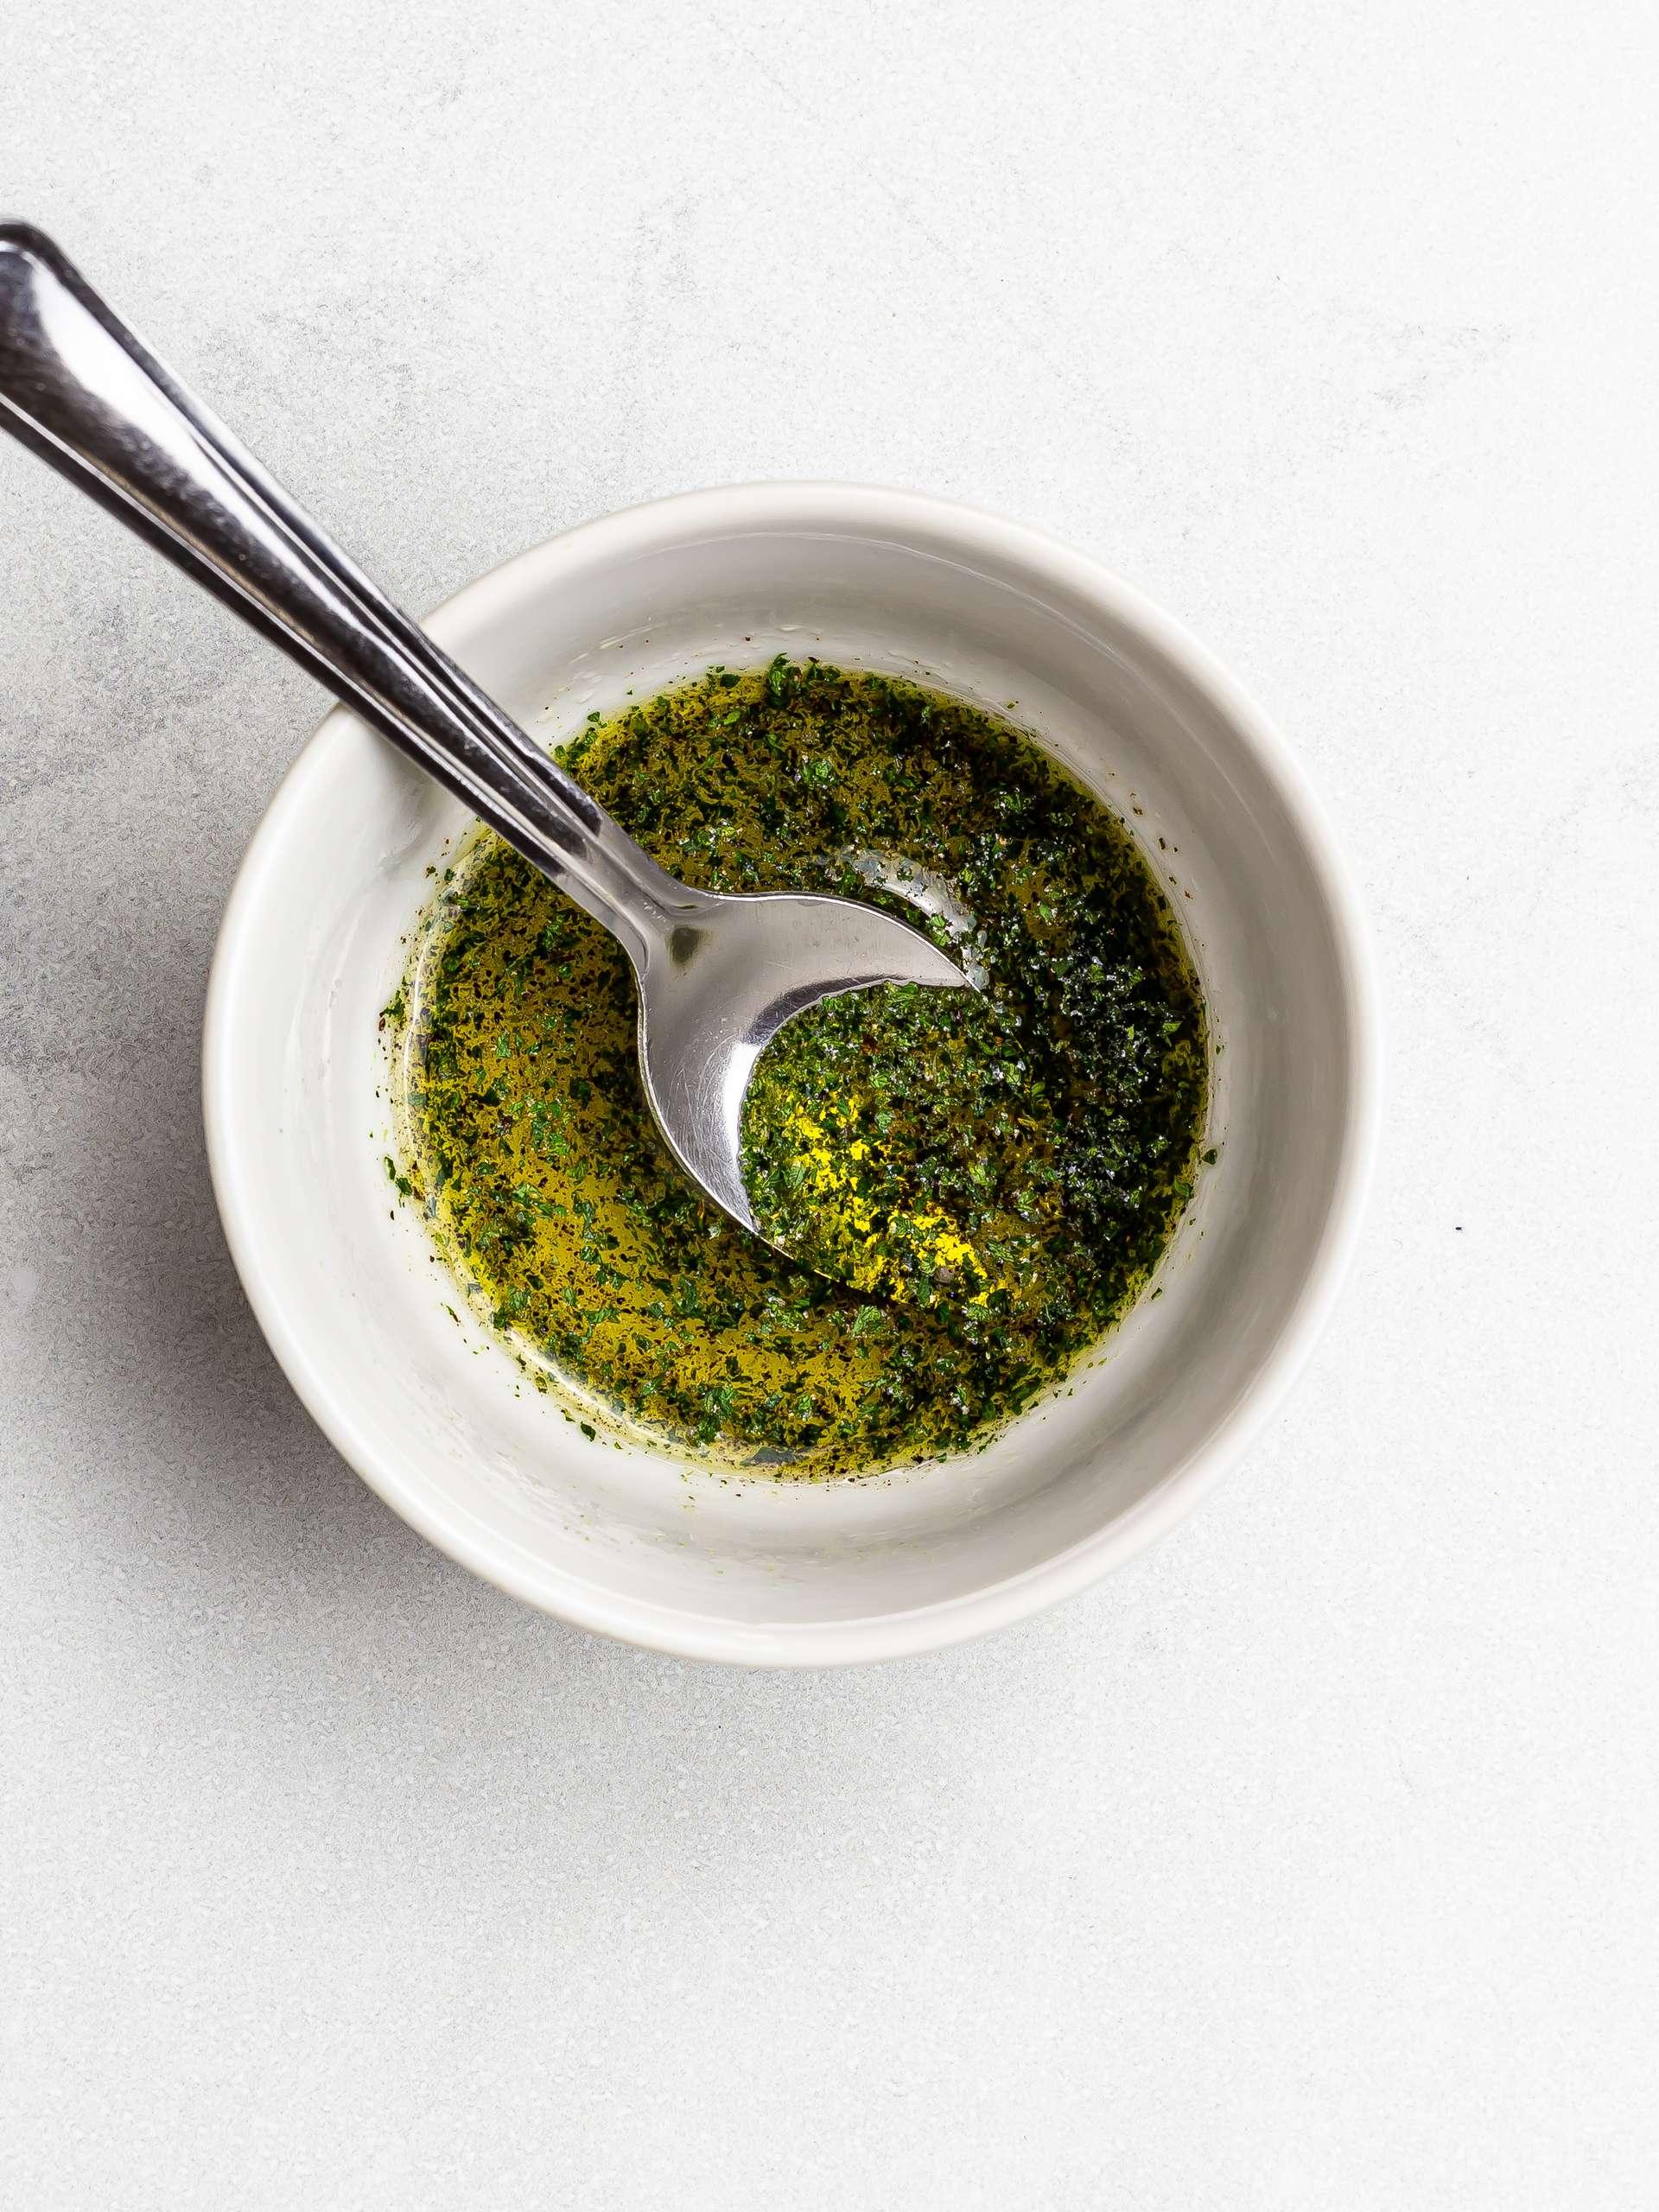 lemon and parsley vinaigrette